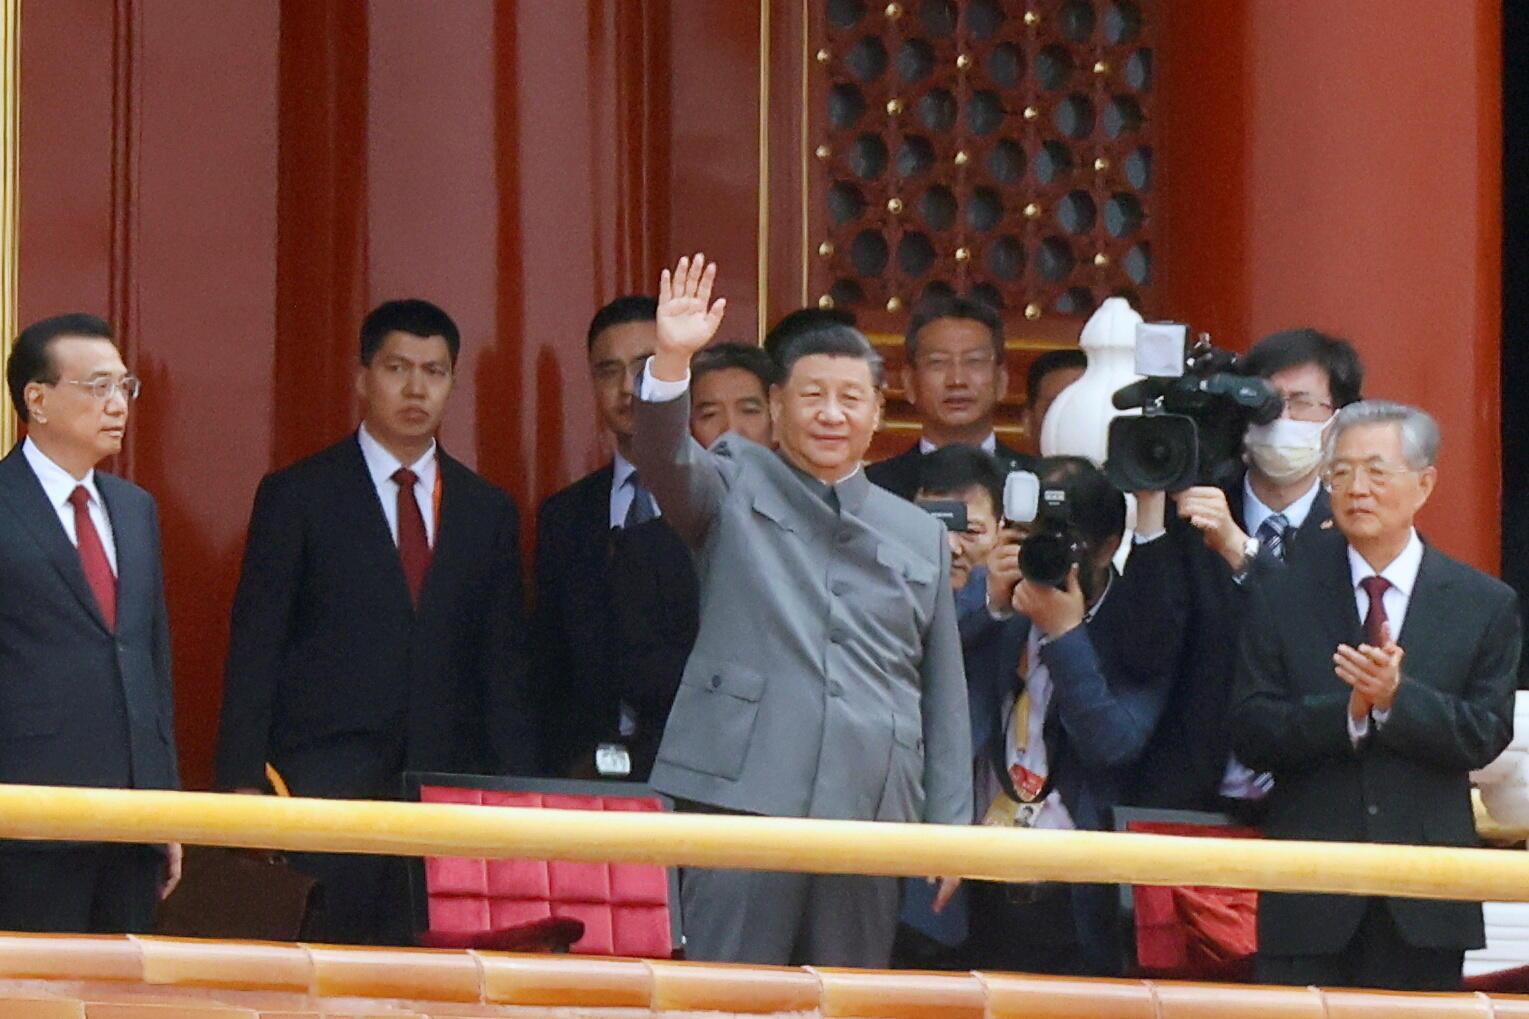 2021-07-01T055757Z_1491815995_RC2DBO91FPUL_RTRMADP_3_CHINA-POLITICS-ANNIVERSARY